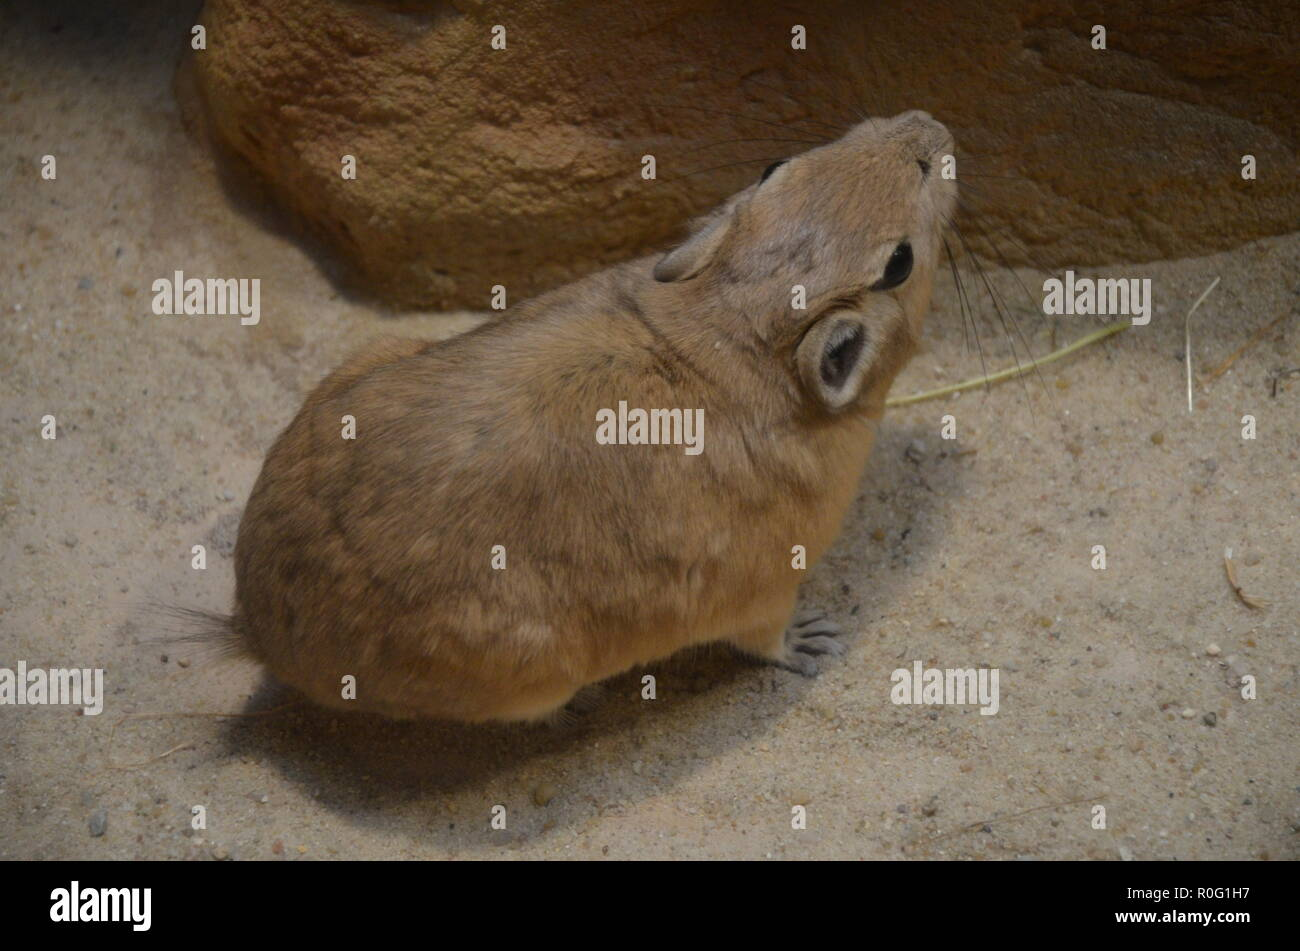 Common gundi (Ctenodactylus gundi) - Stock Image